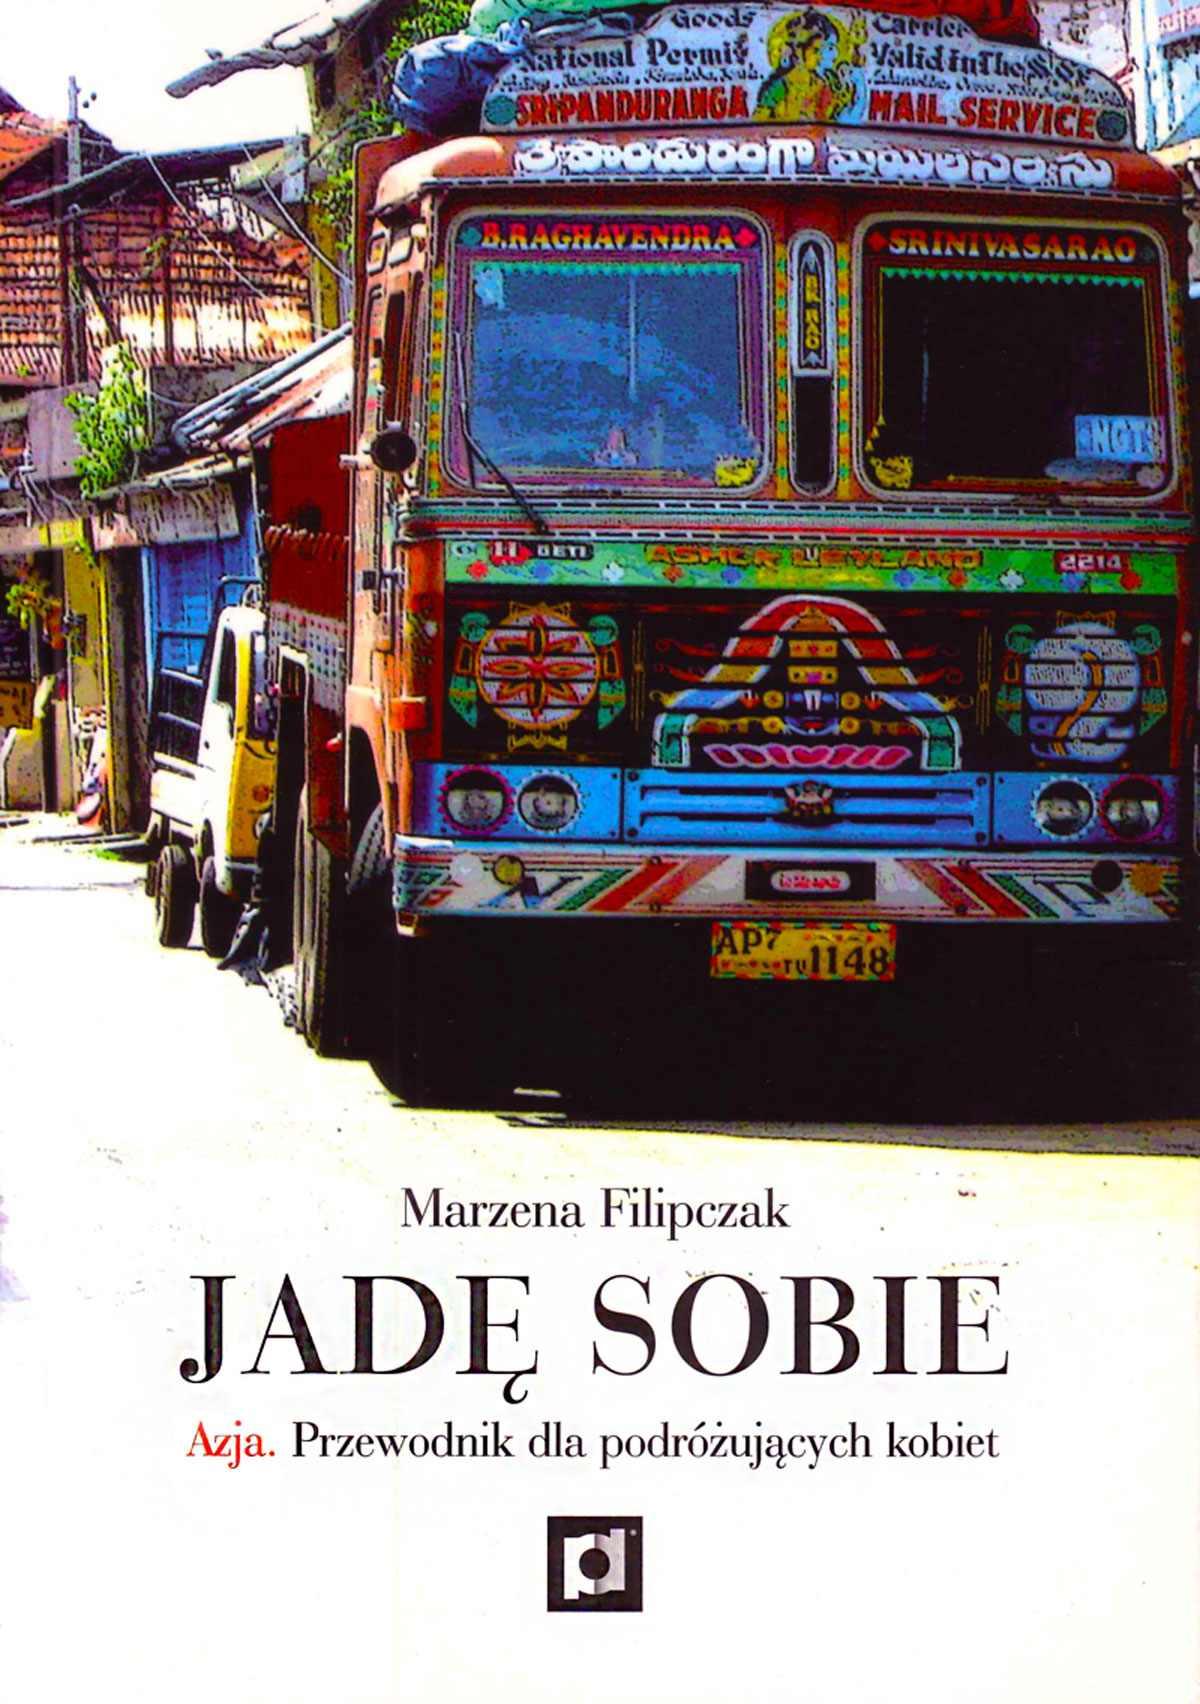 Jadę sobie. Azja. Przewodnik dla podróżujących kobiet - Ebook (Książka EPUB) do pobrania w formacie EPUB